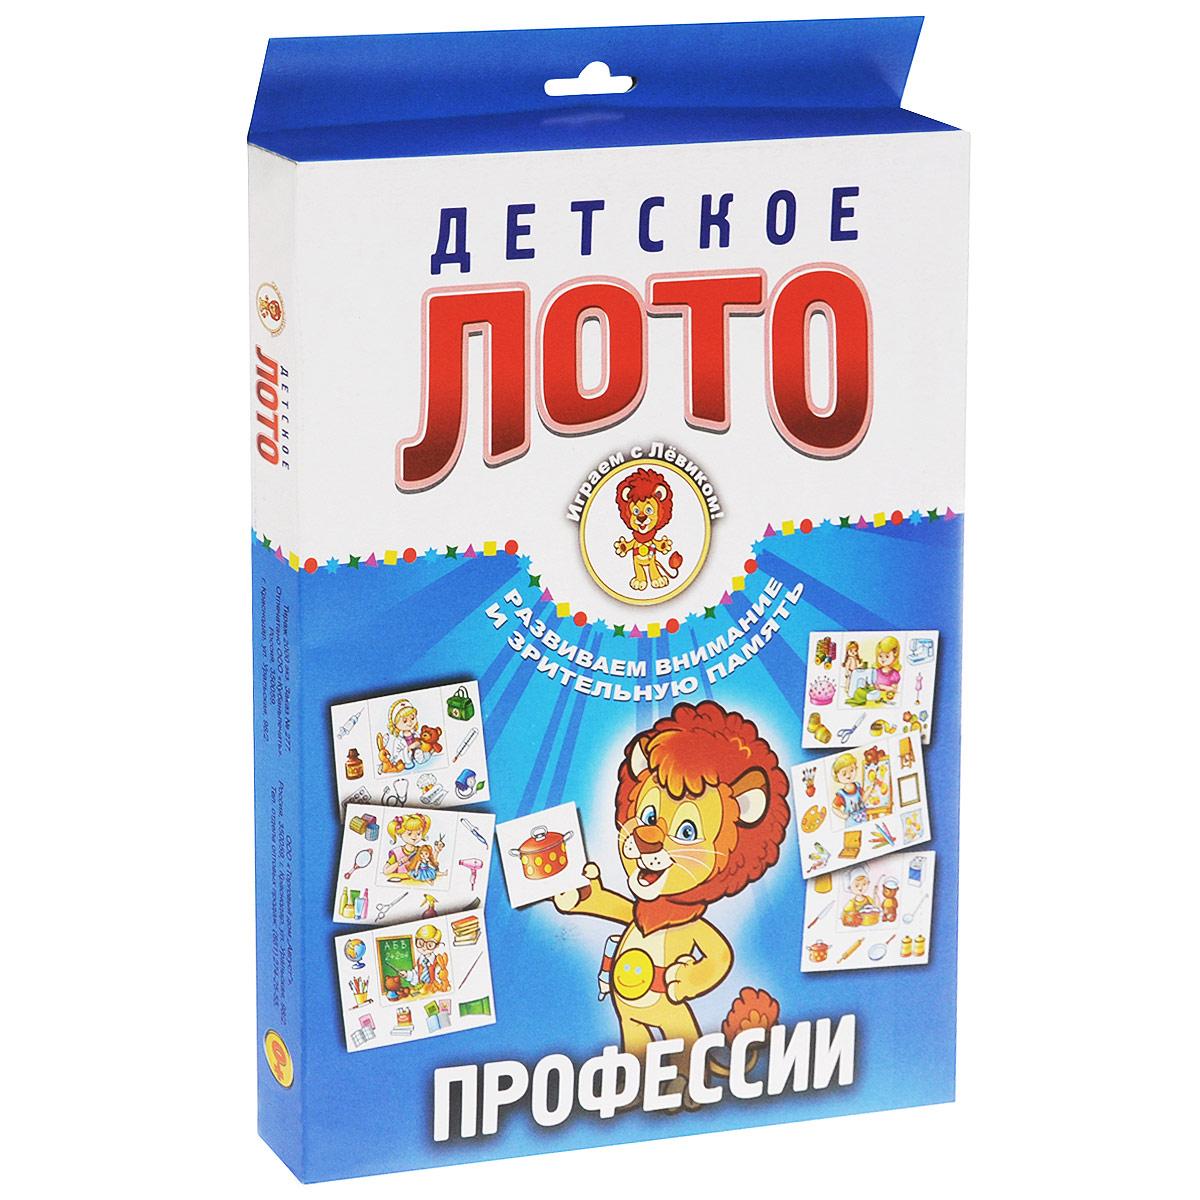 Профессии. Детское лото (набор из 54 карточек)12296407Детское лото - это занимательная настольная игра для детей от 2 лет, которая способствует развитию внимания, логического мышления и зрительной памяти ребёнка, а также знакомит детей с объектами окружающего мира, расширяет кругозор. Набор Профессии включает 6 игровых карточек и 48 фишек: 1. Врач: шприц, йод, таблетки, стетоскоп, бинт и вата, тонометр, термометр, аптечка. 2. Парикмахер: бигуди, зеркало, средства для волос, ножницы, пульверизатор, расчёска, фен, щипцы. 3. Повар: доска, нож, кастрюля, скалка, сковорода, соль и сахар, половник, газовая плита. 4. Швея: нитки, подушечка для иголок, напёрстки, швейные ножницы, сантиметр, пуговицы, манекен, швейная машина. 5. Учитель: глобус, ручки и карандаши, дневники, мел, тетради, школьная доска, указка, учебники. 6. Художник: кисти, палитра, краски, этюдник, карандаши, холст, рама, мольберт. В Детское лото могут играть одновременно от двух до шести человек. Участникам игры раздаются карточки....